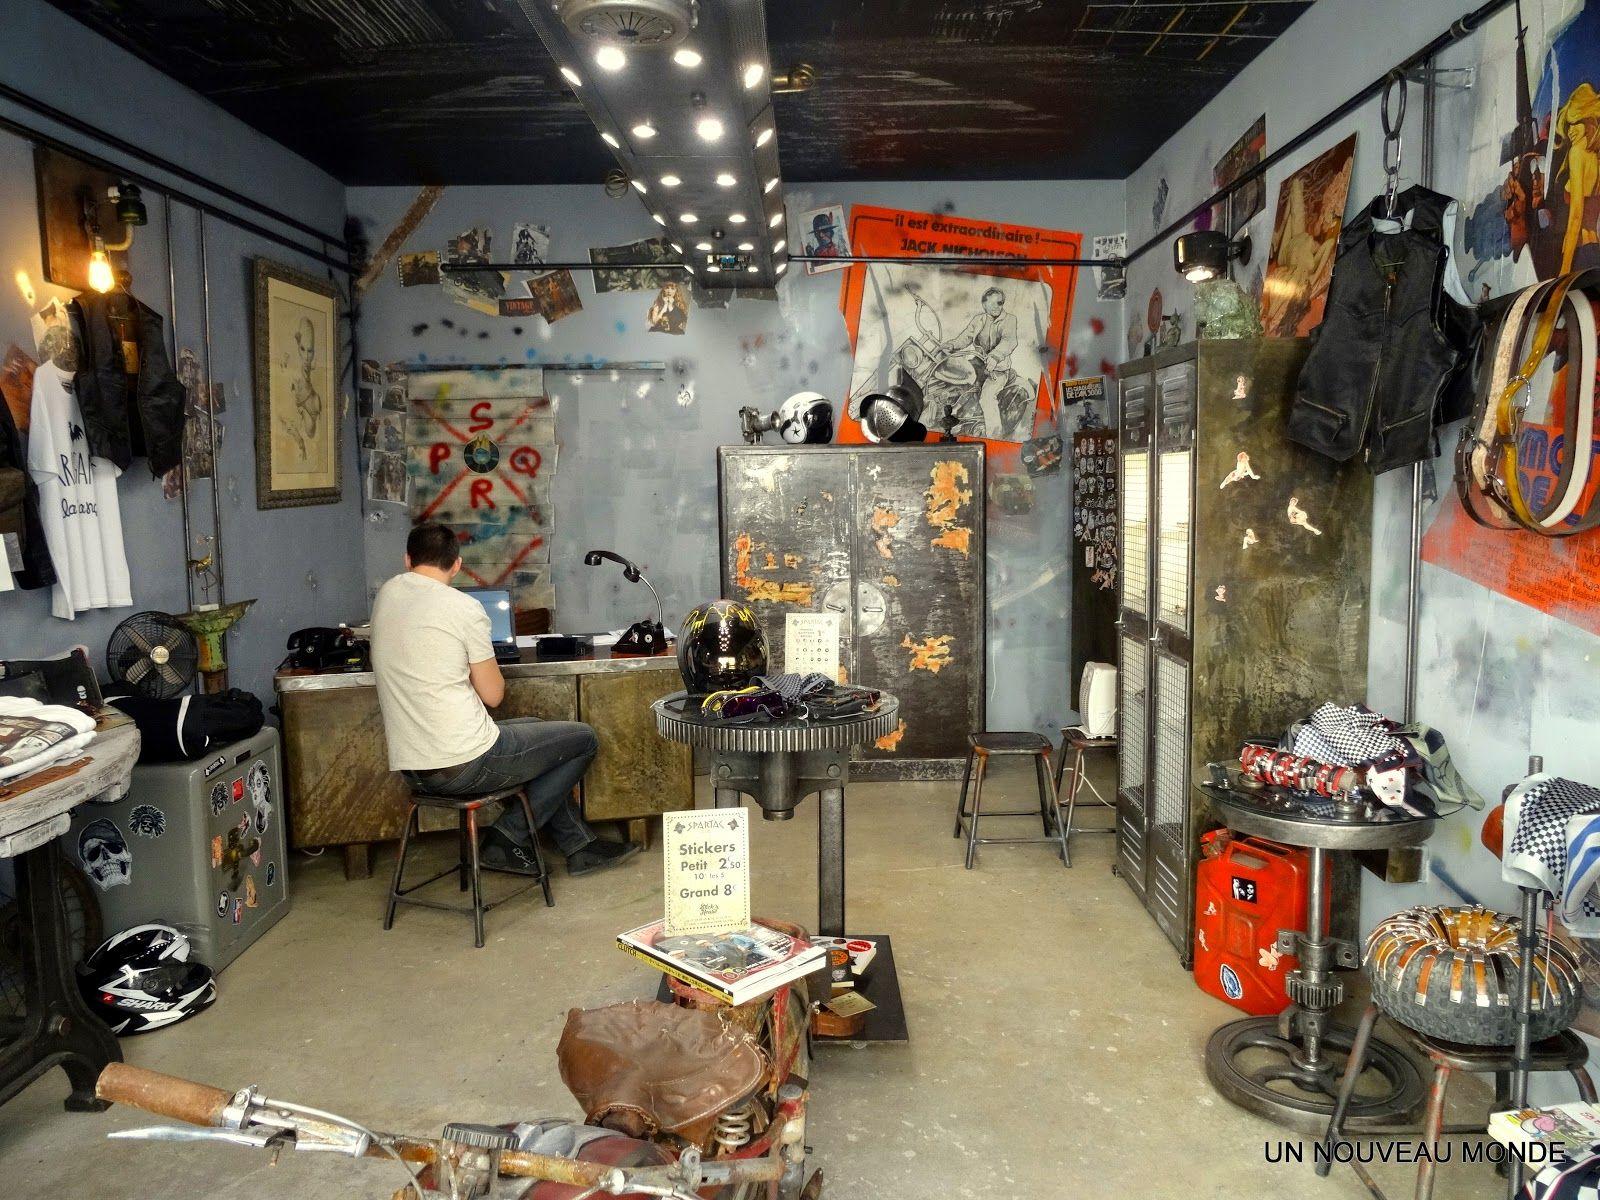 Ameublement Du Magasin Au Sou D Or Di Spartac A Beziers Avec Images Ameublement Mobilier De Salon Decoration Interieure